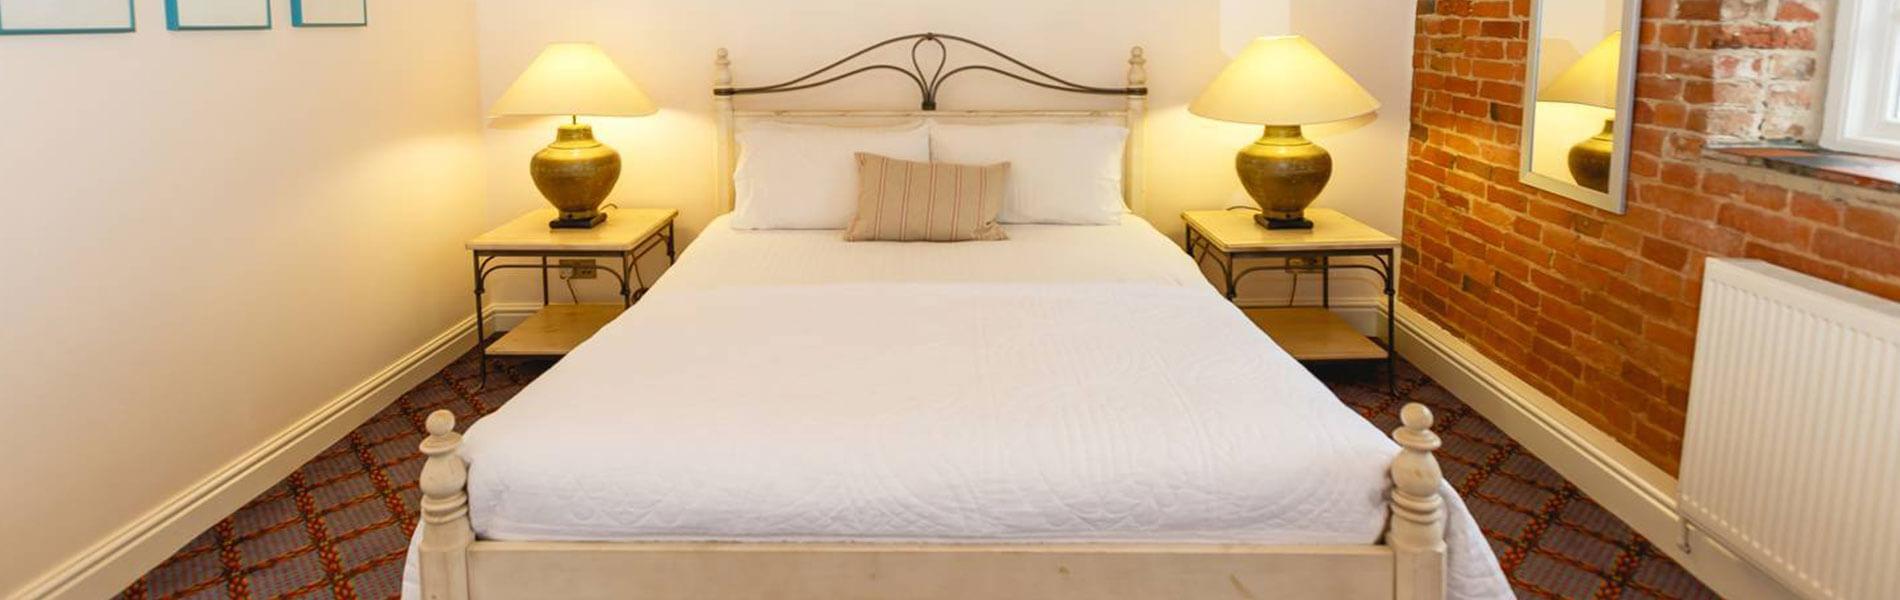 Donington Park Farmhouse Hotel BED